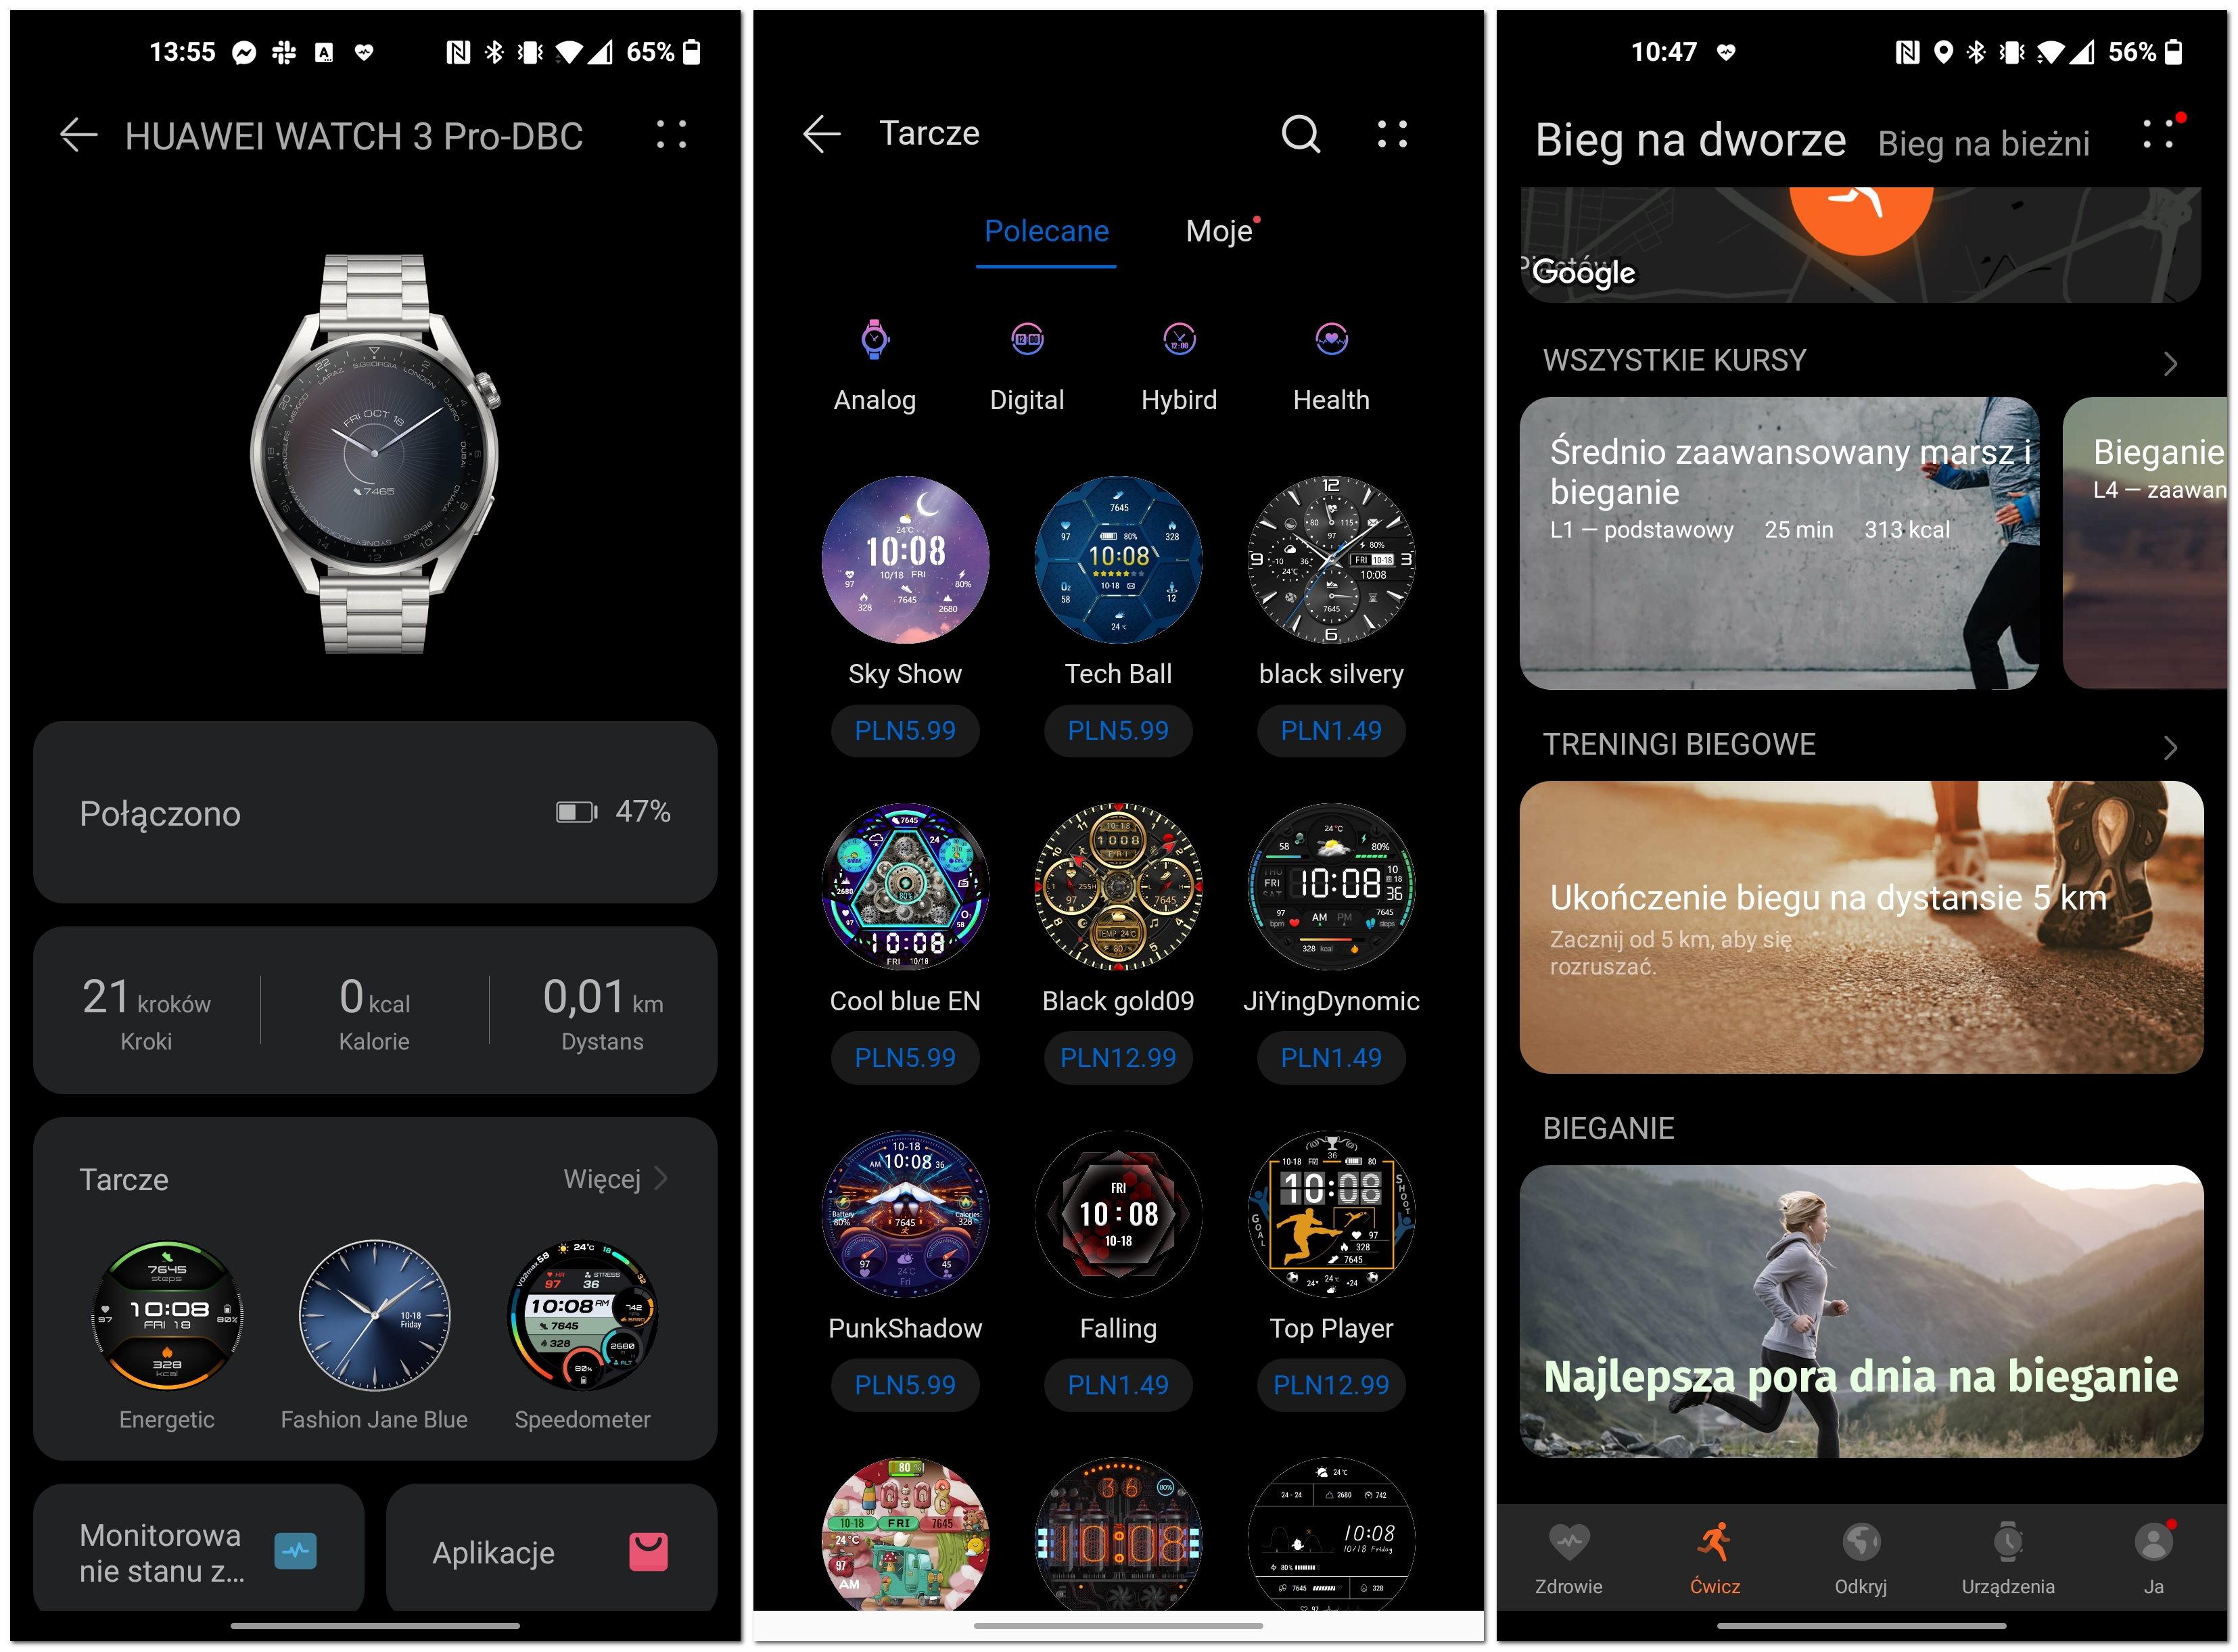 Huawei Watch 3 Pro application